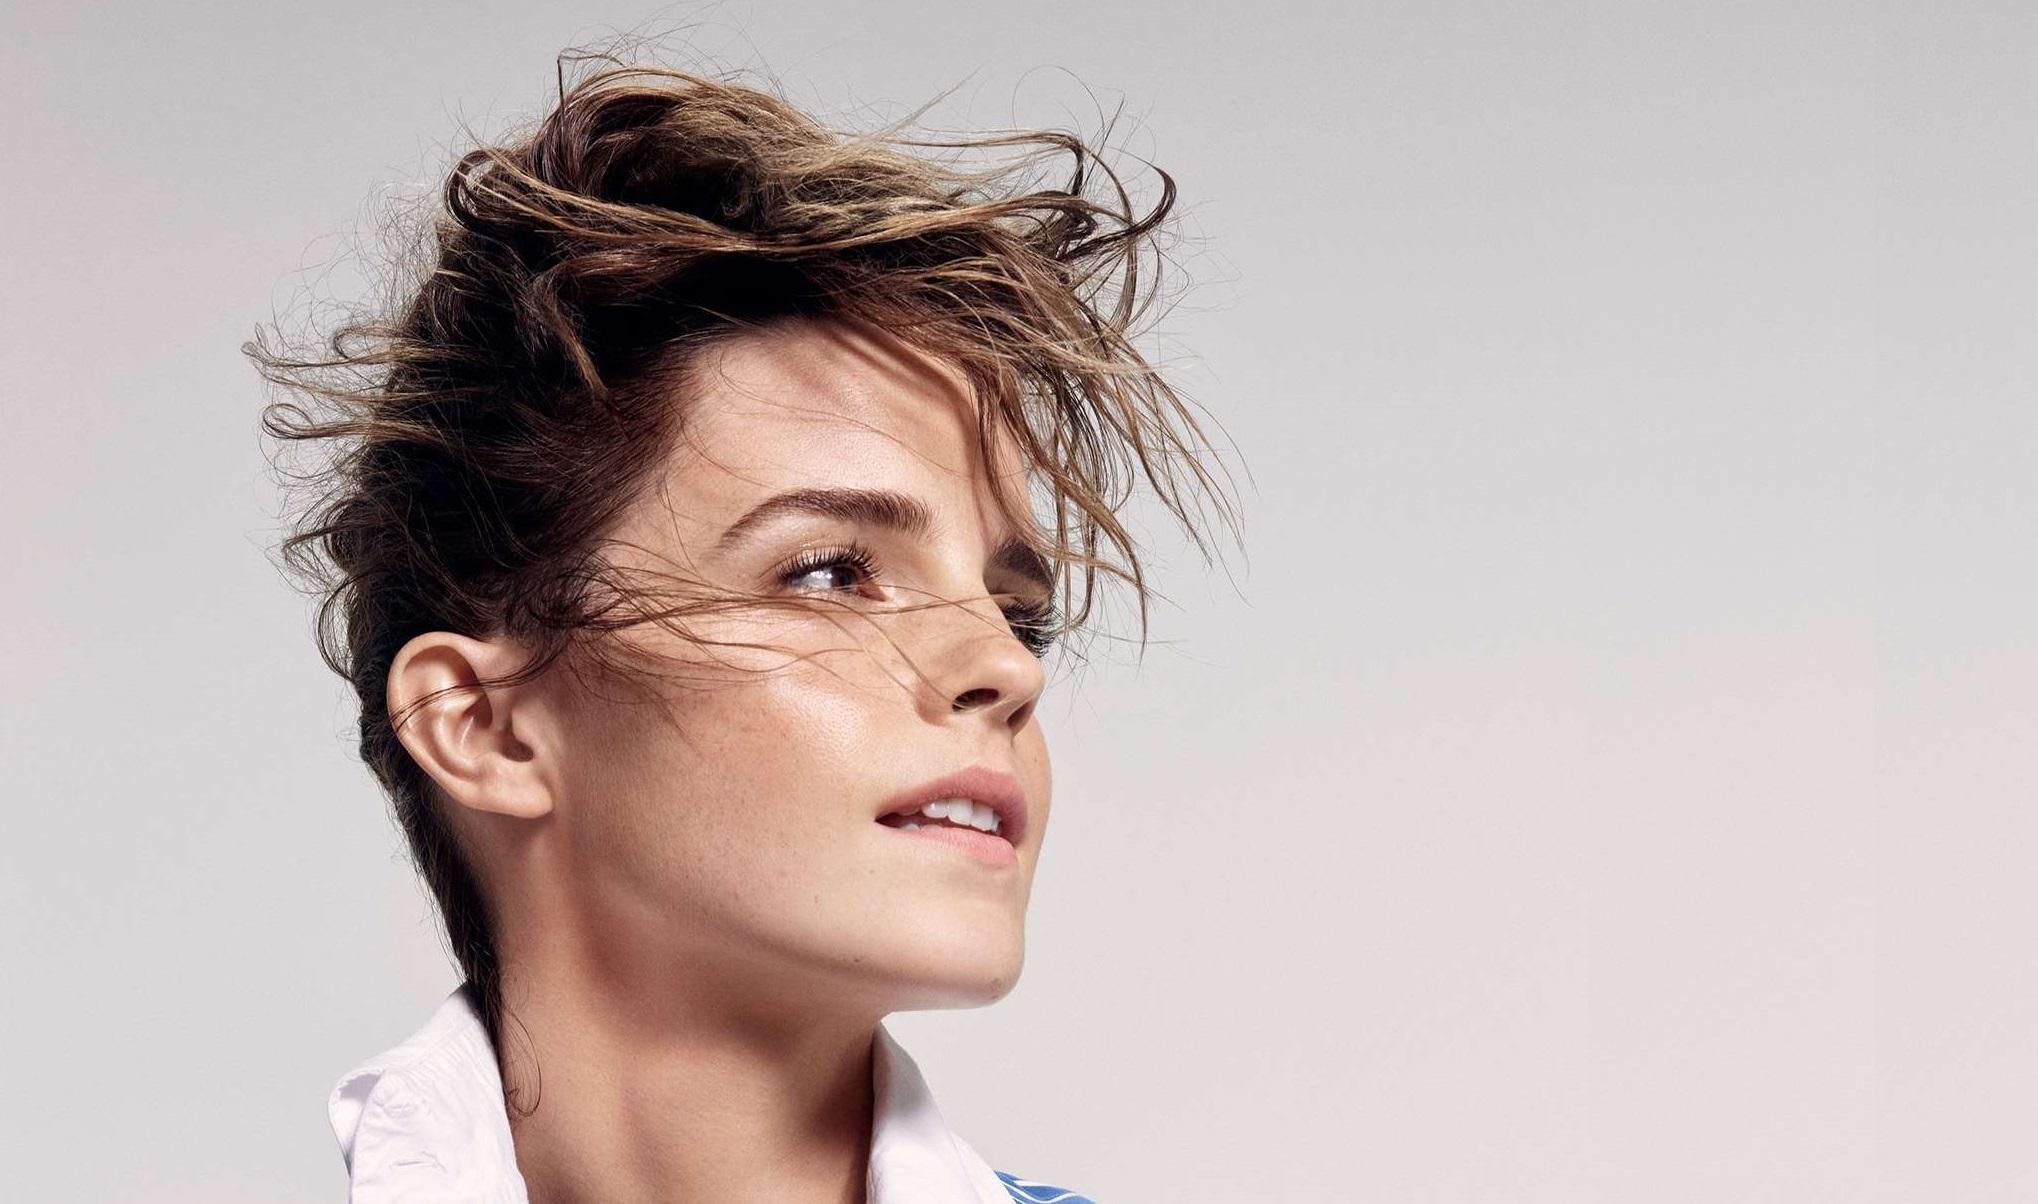 Emma Watson Elles March Cover 2017 Hd Celebrities 4k Wallpapers